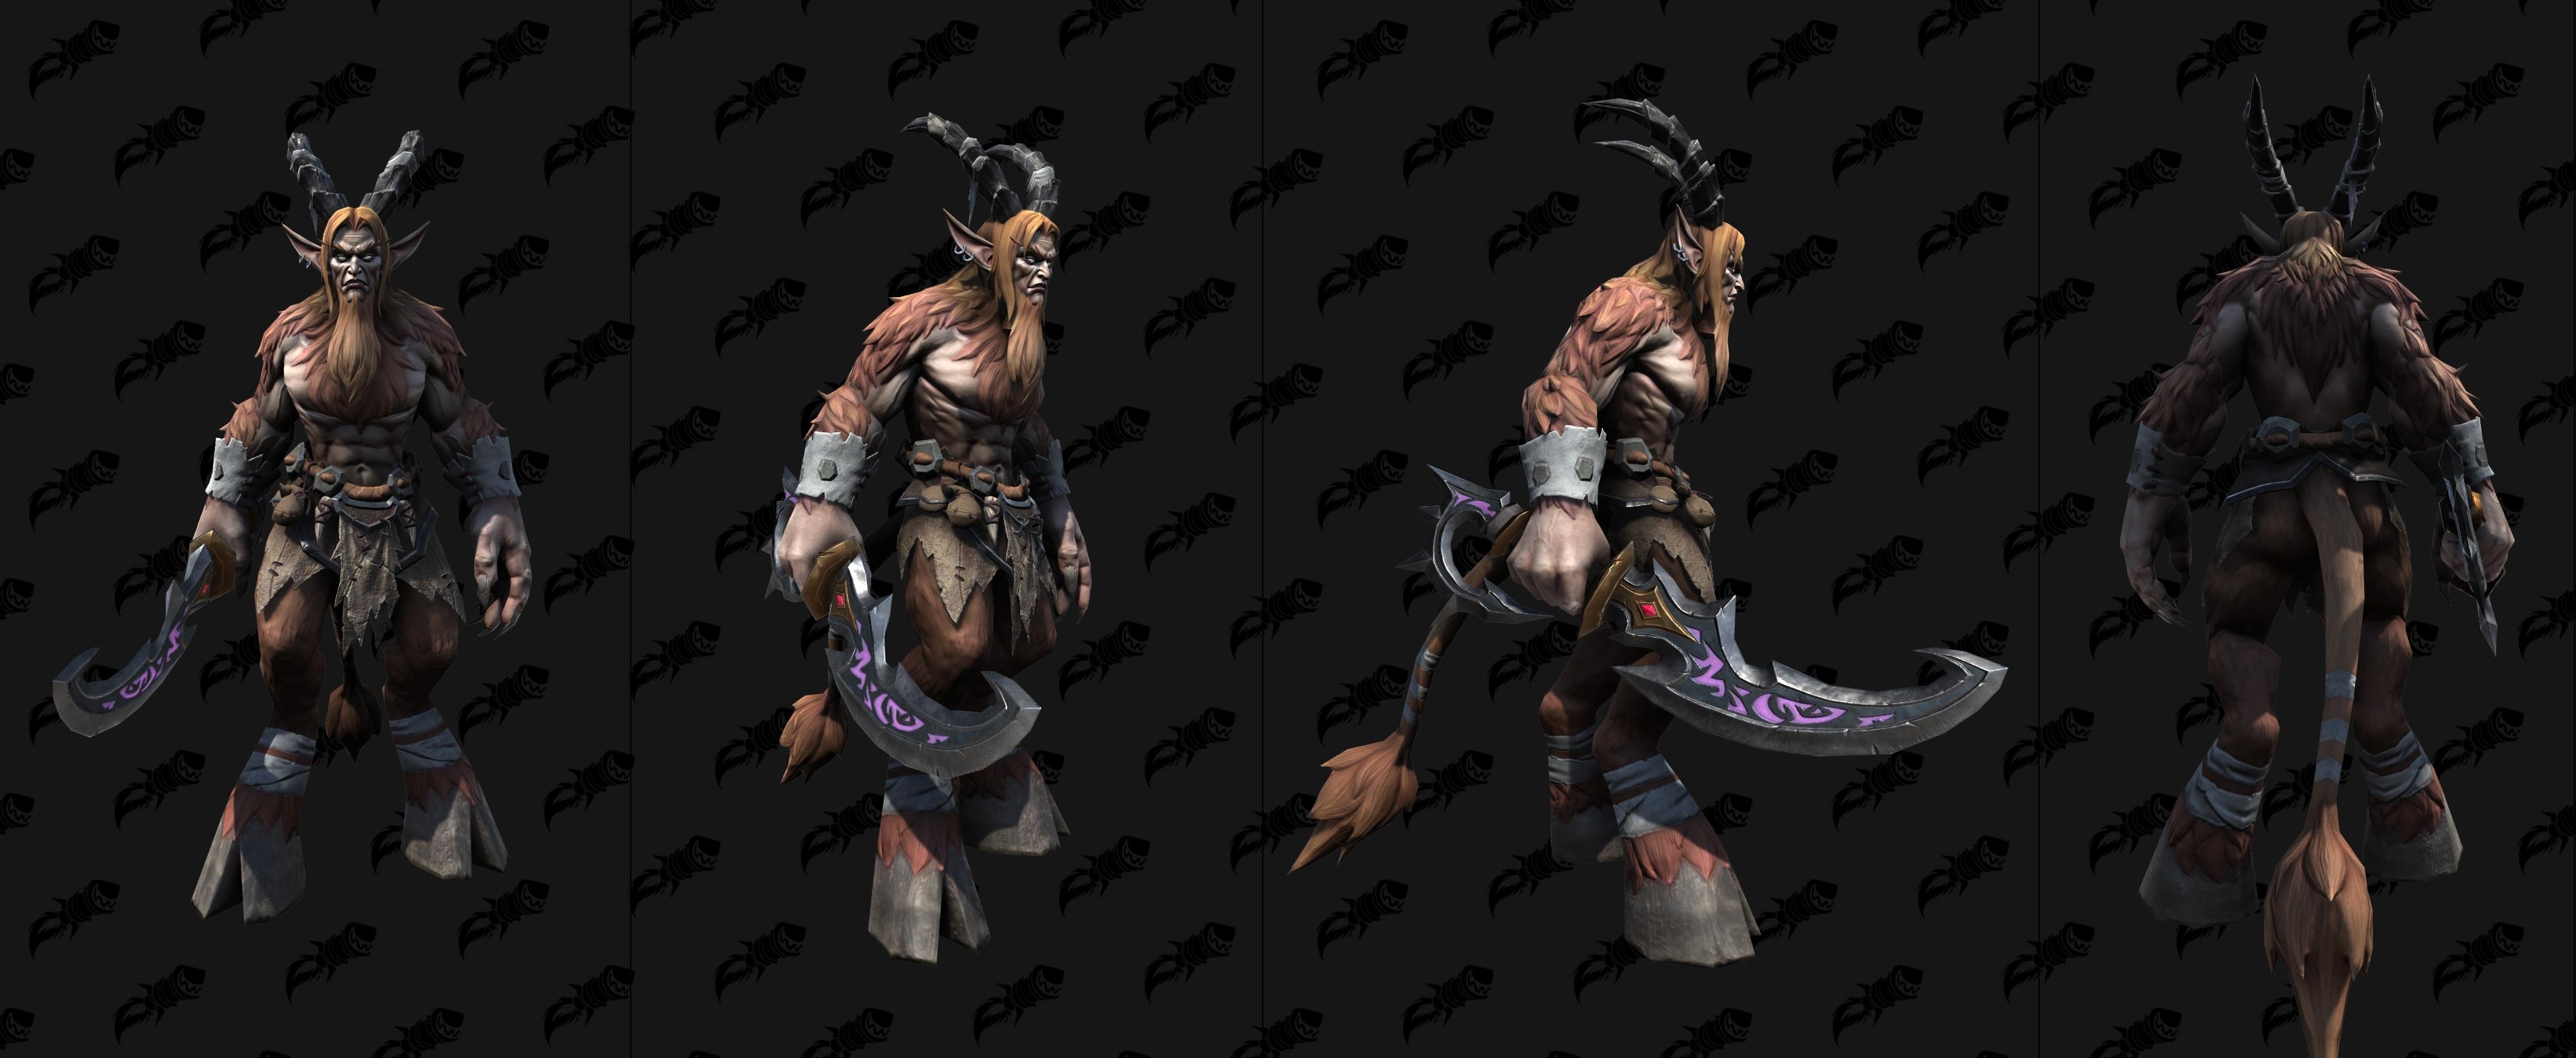 《魔兽争霸3:重制版》萨特和海象人模型 黑暗舞者美